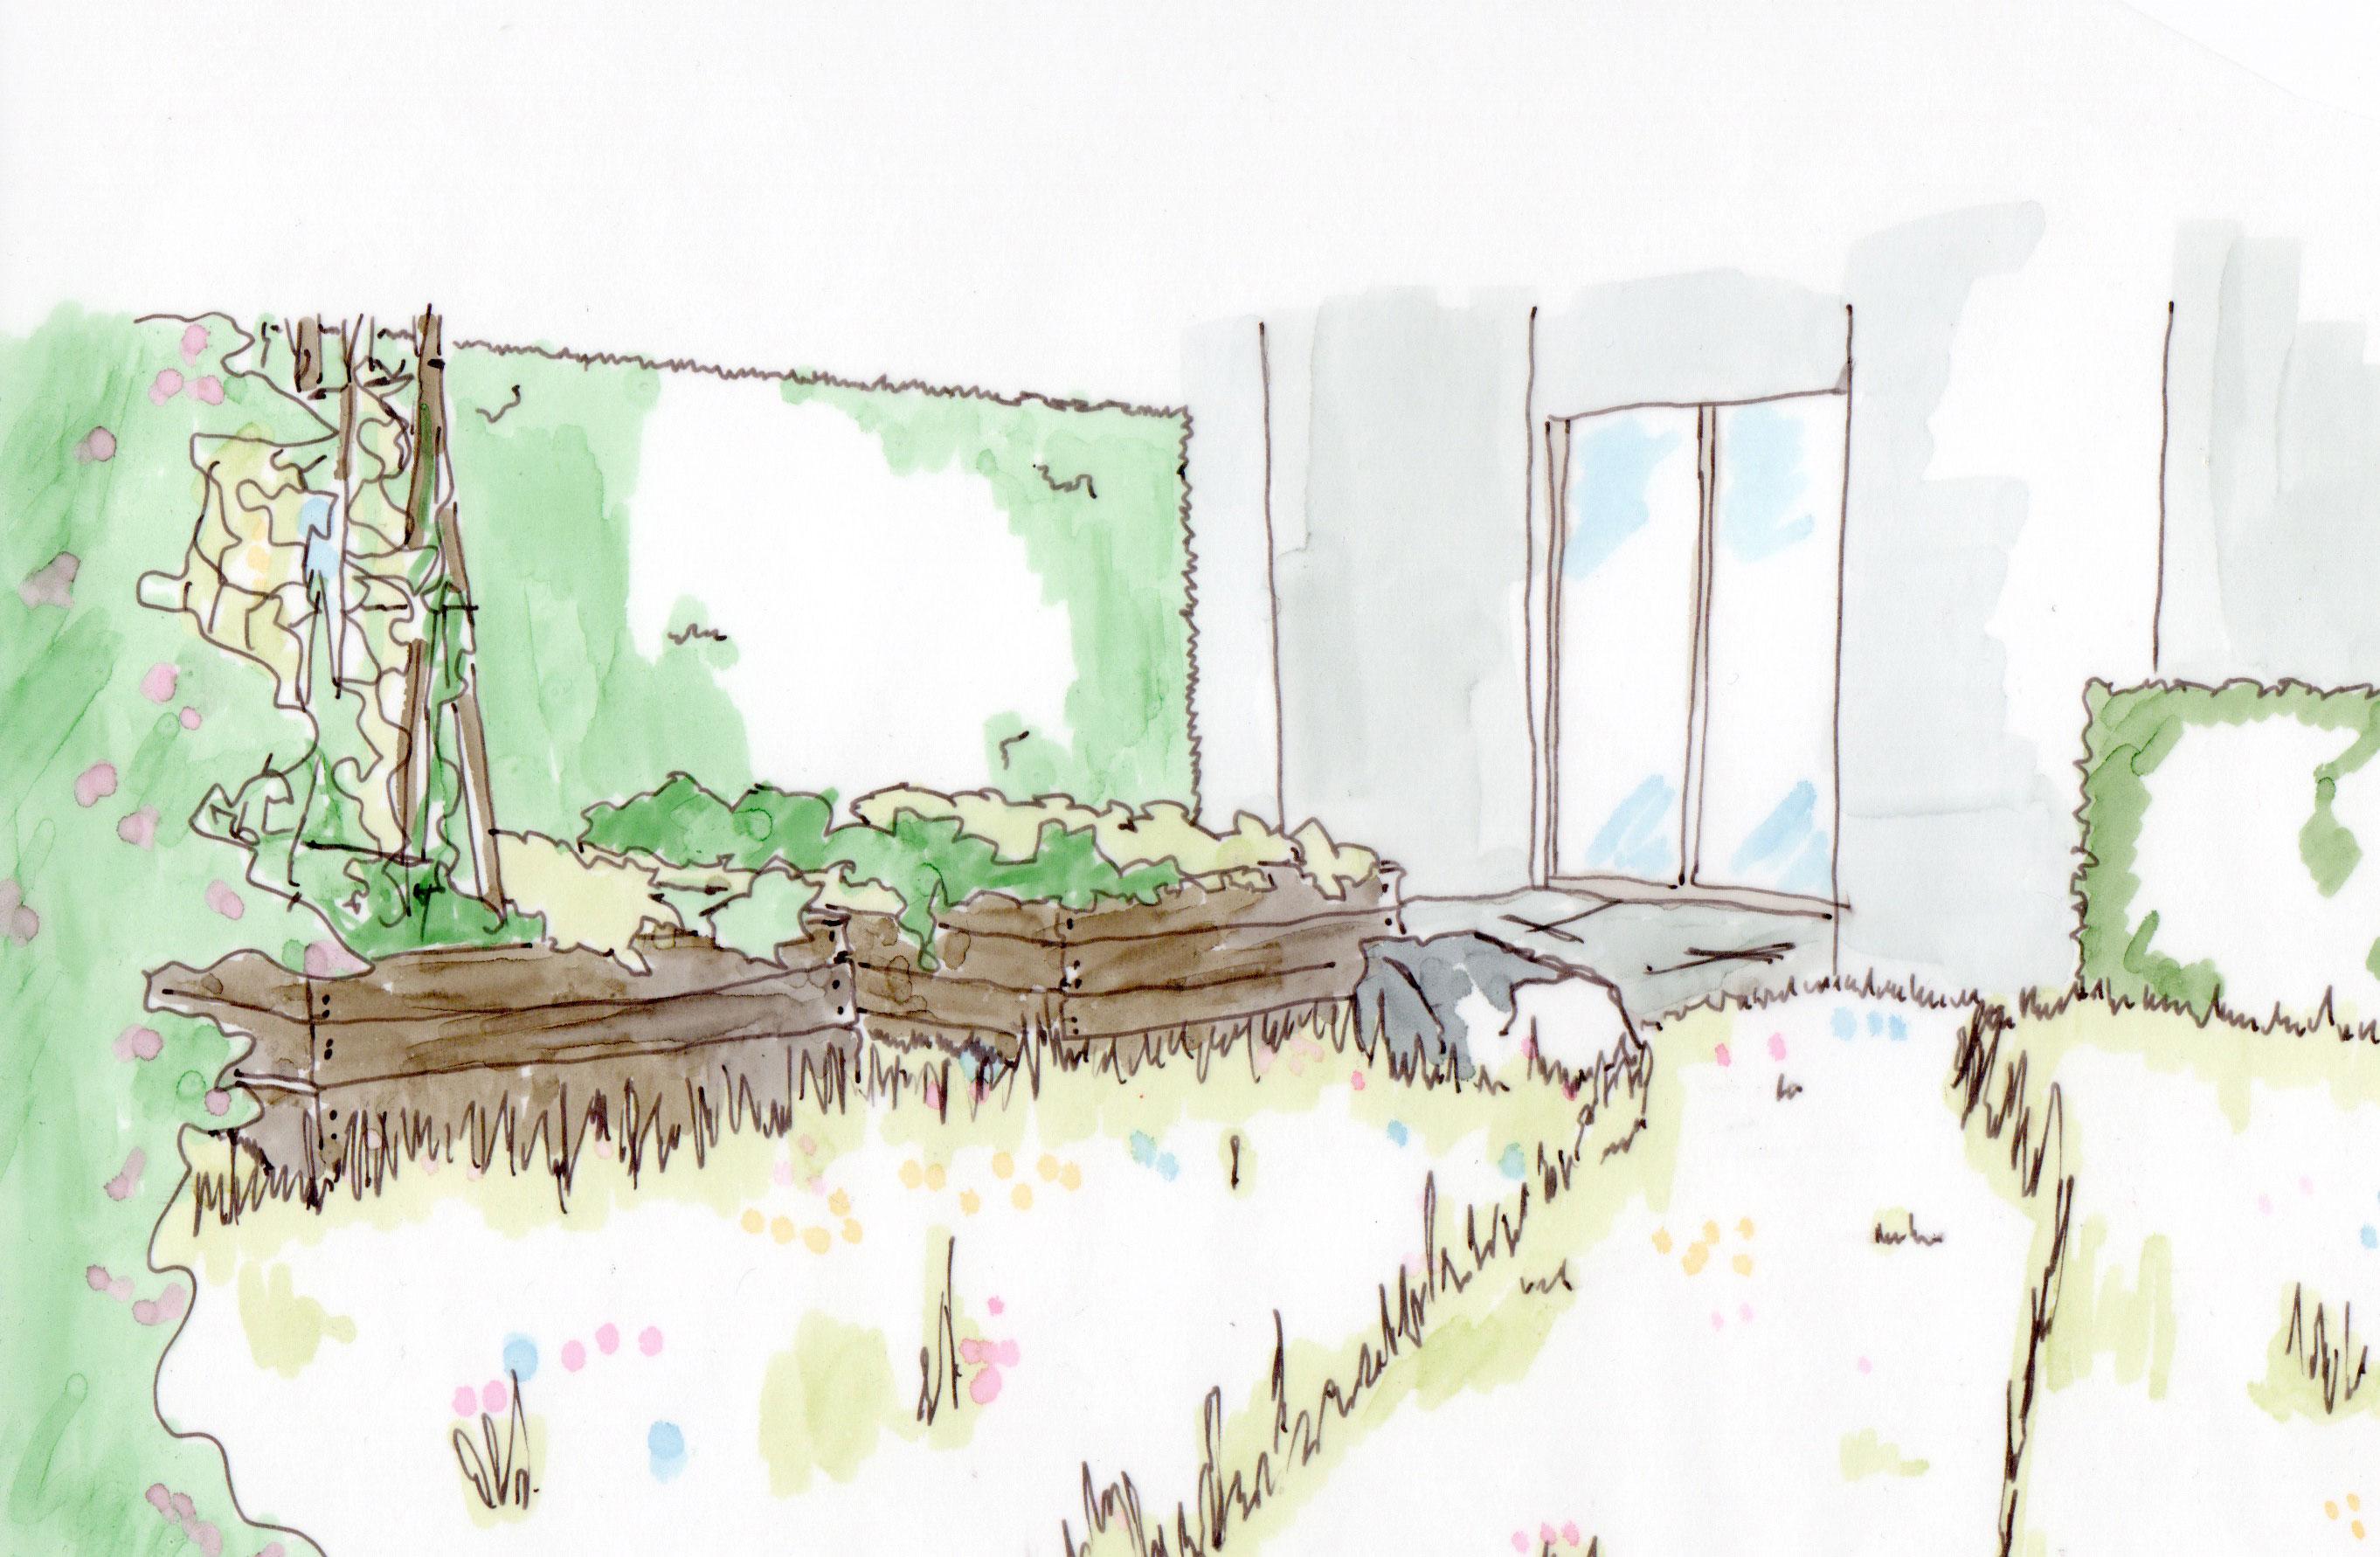 perspektive in einem kleinen Garten